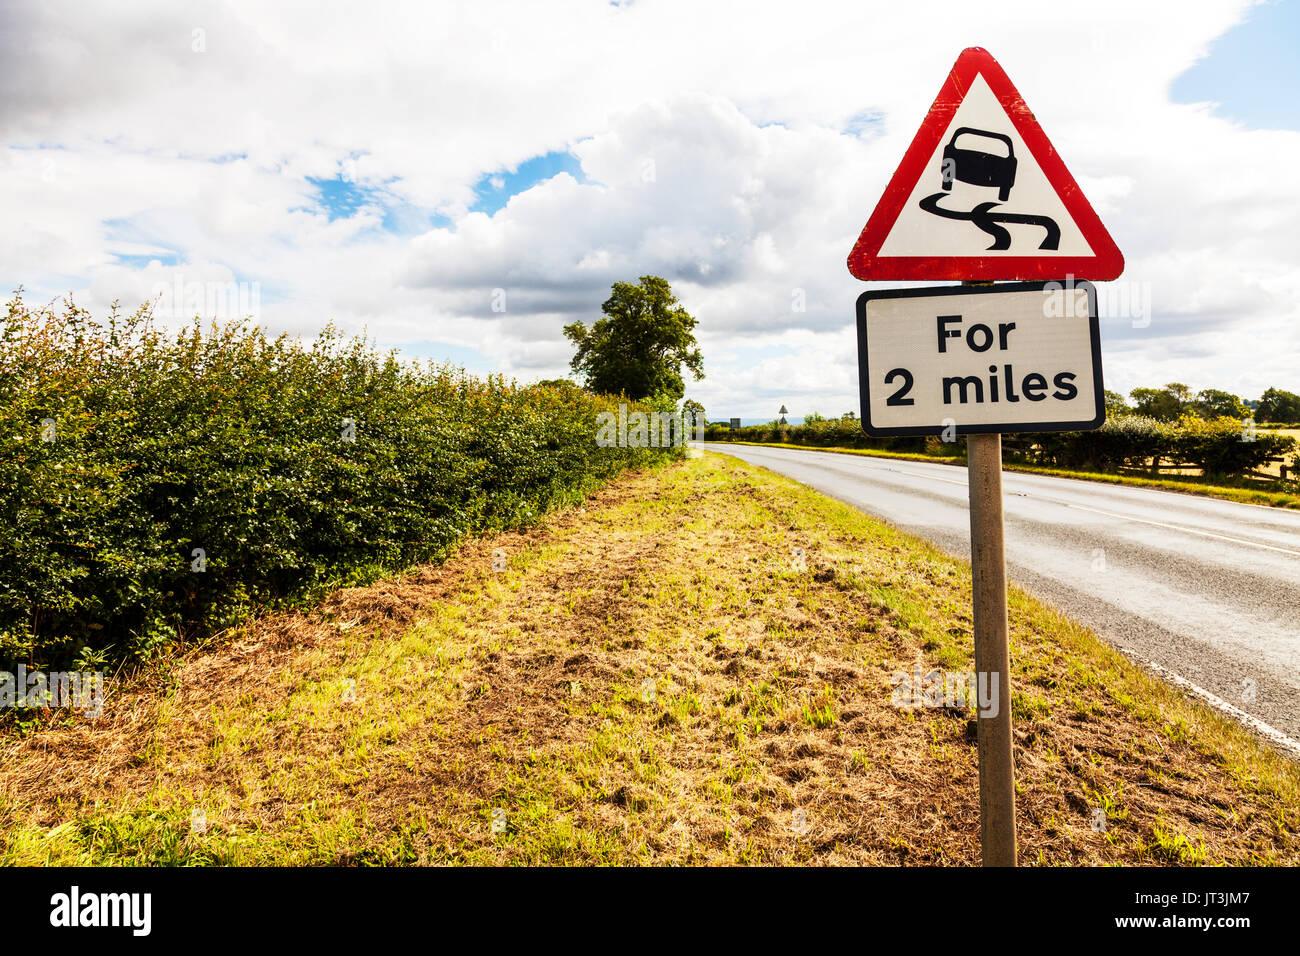 Carretera resbaladiza, Carretera resbaladiza UK señales de carretera, a 3 km (2 millas), Carretera resbaladiza durante 2 millas, señales de advertencia, peligro, cuidado, Reino Unido, Inglaterra, Reino Unido la señalización vial Imagen De Stock